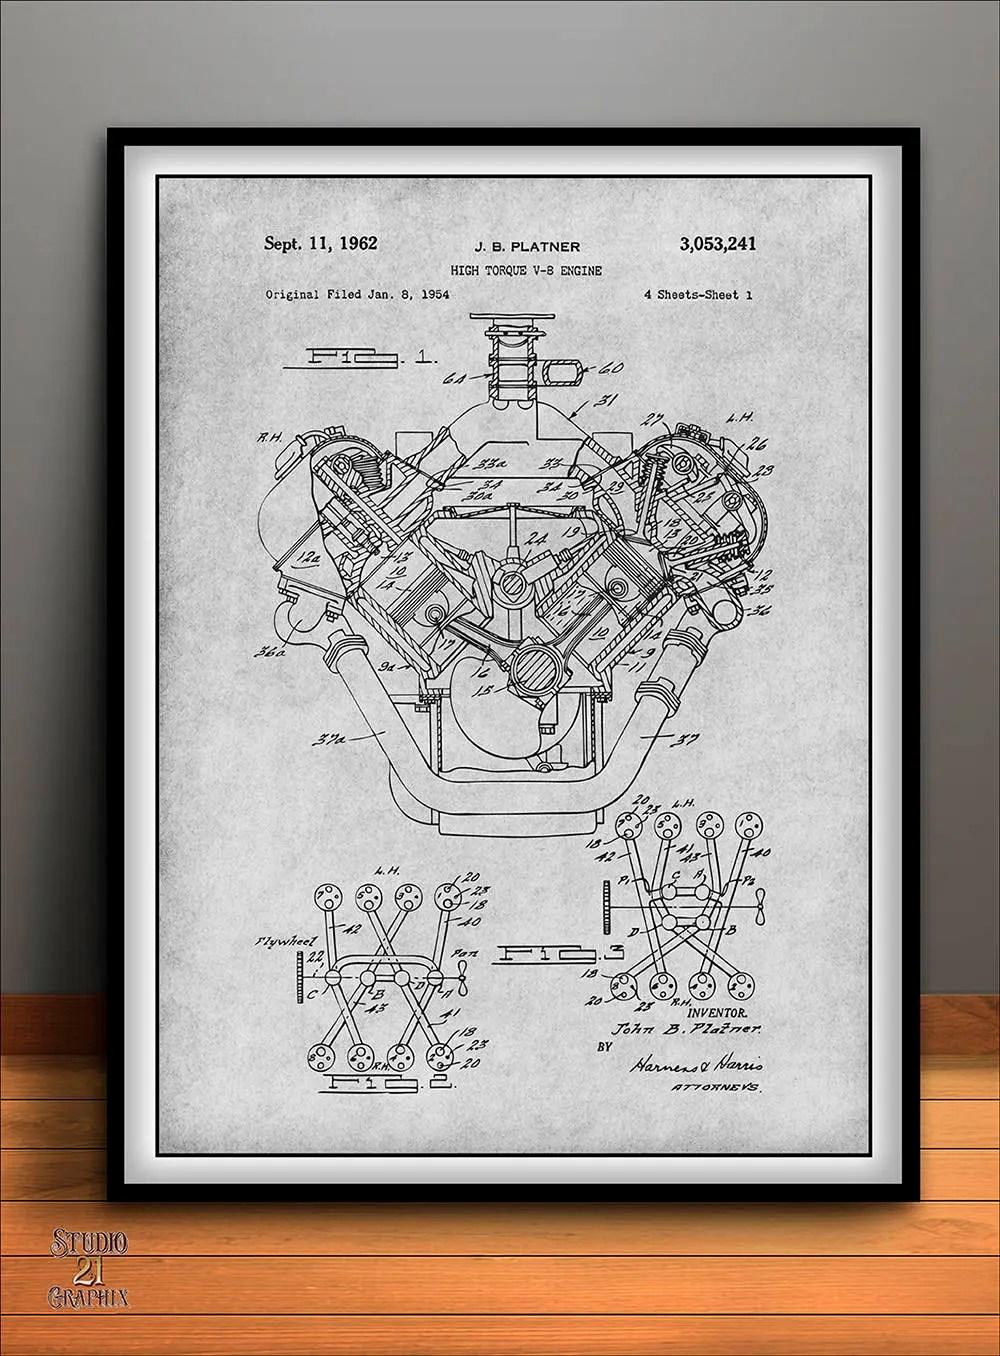 hight resolution of  1954 chrysler 426 hemi v8 engine poster patent art print gift image 1